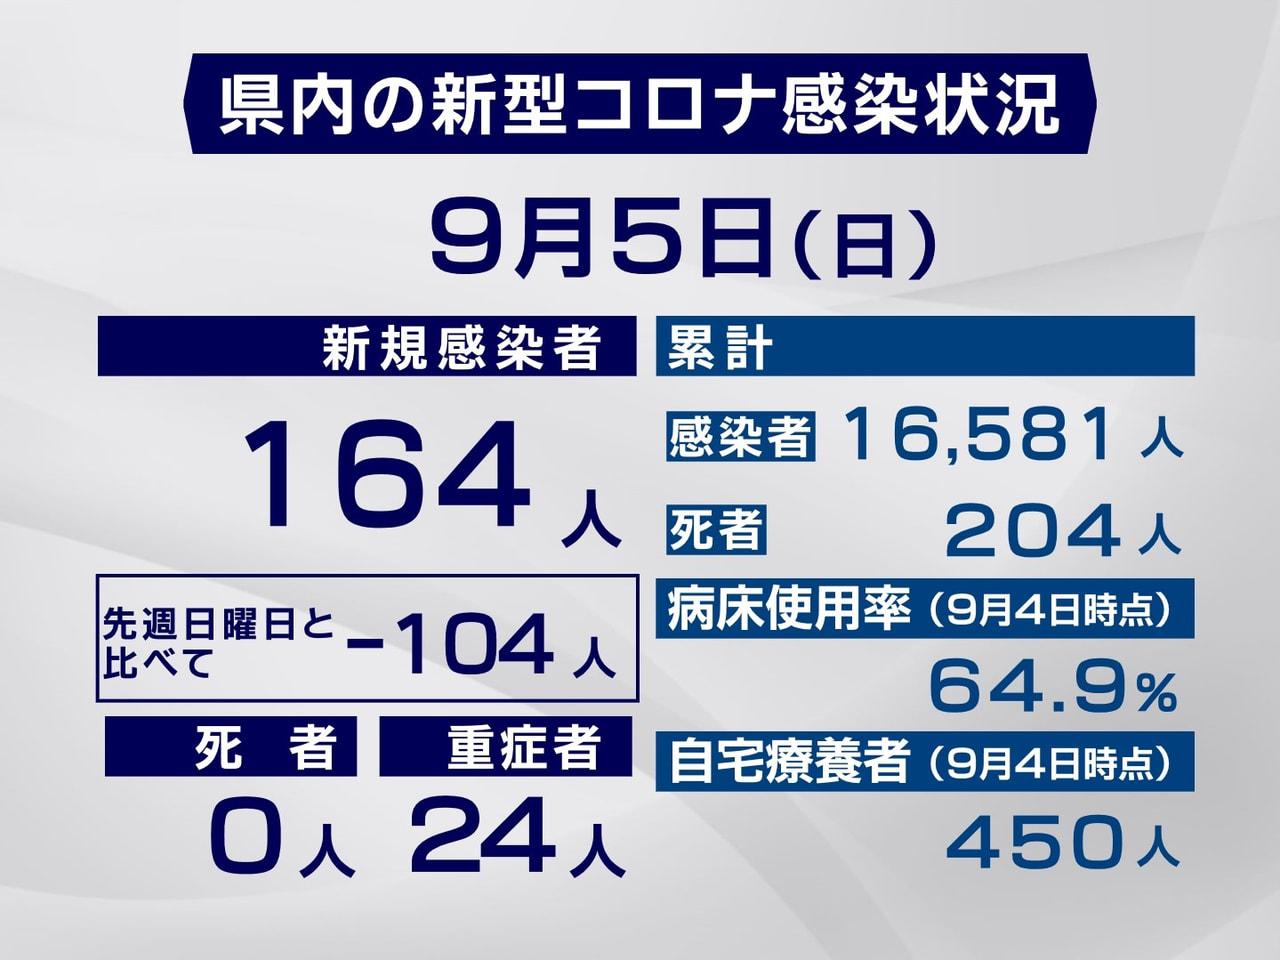 岐阜県と岐阜市は5日、新型コロナウイルスの感染者が新たに164人確認されたと発表...